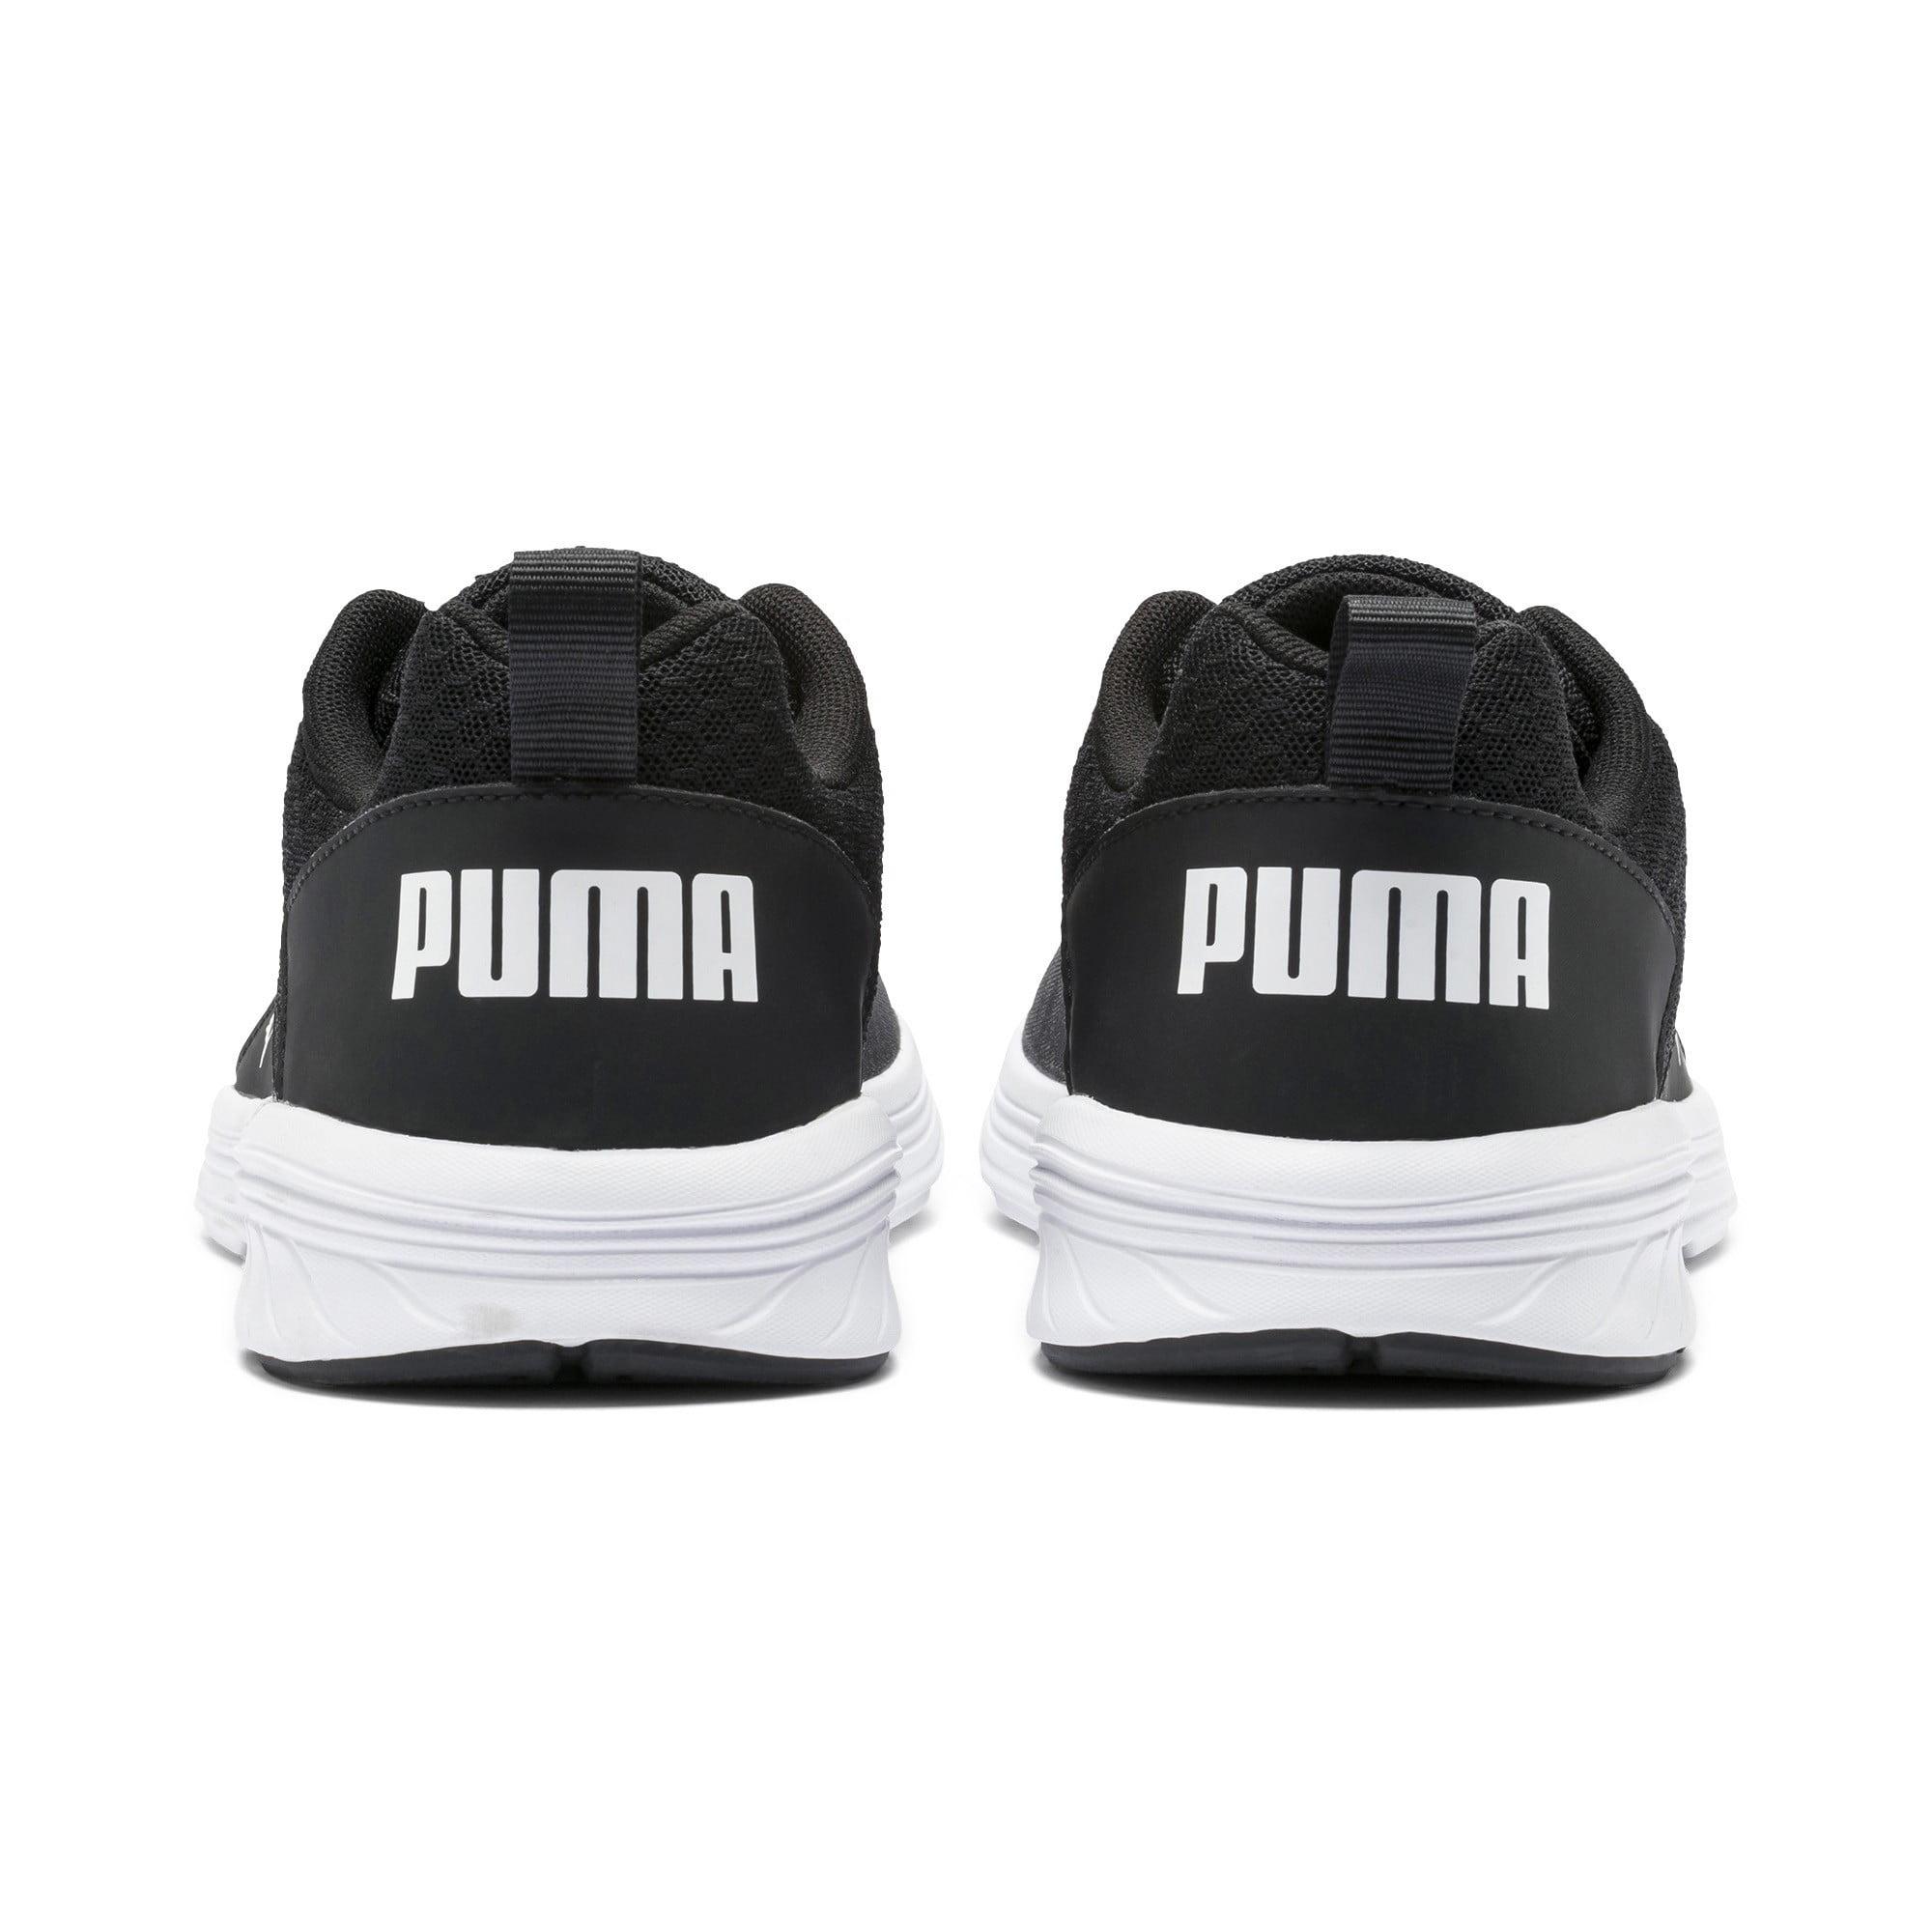 Inicialmente Buscar panel  PUMA - Puma Men's Nrgy Comet Black / White Ankle-High Fabric Running - 11M  - Walmart.com - Walmart.com